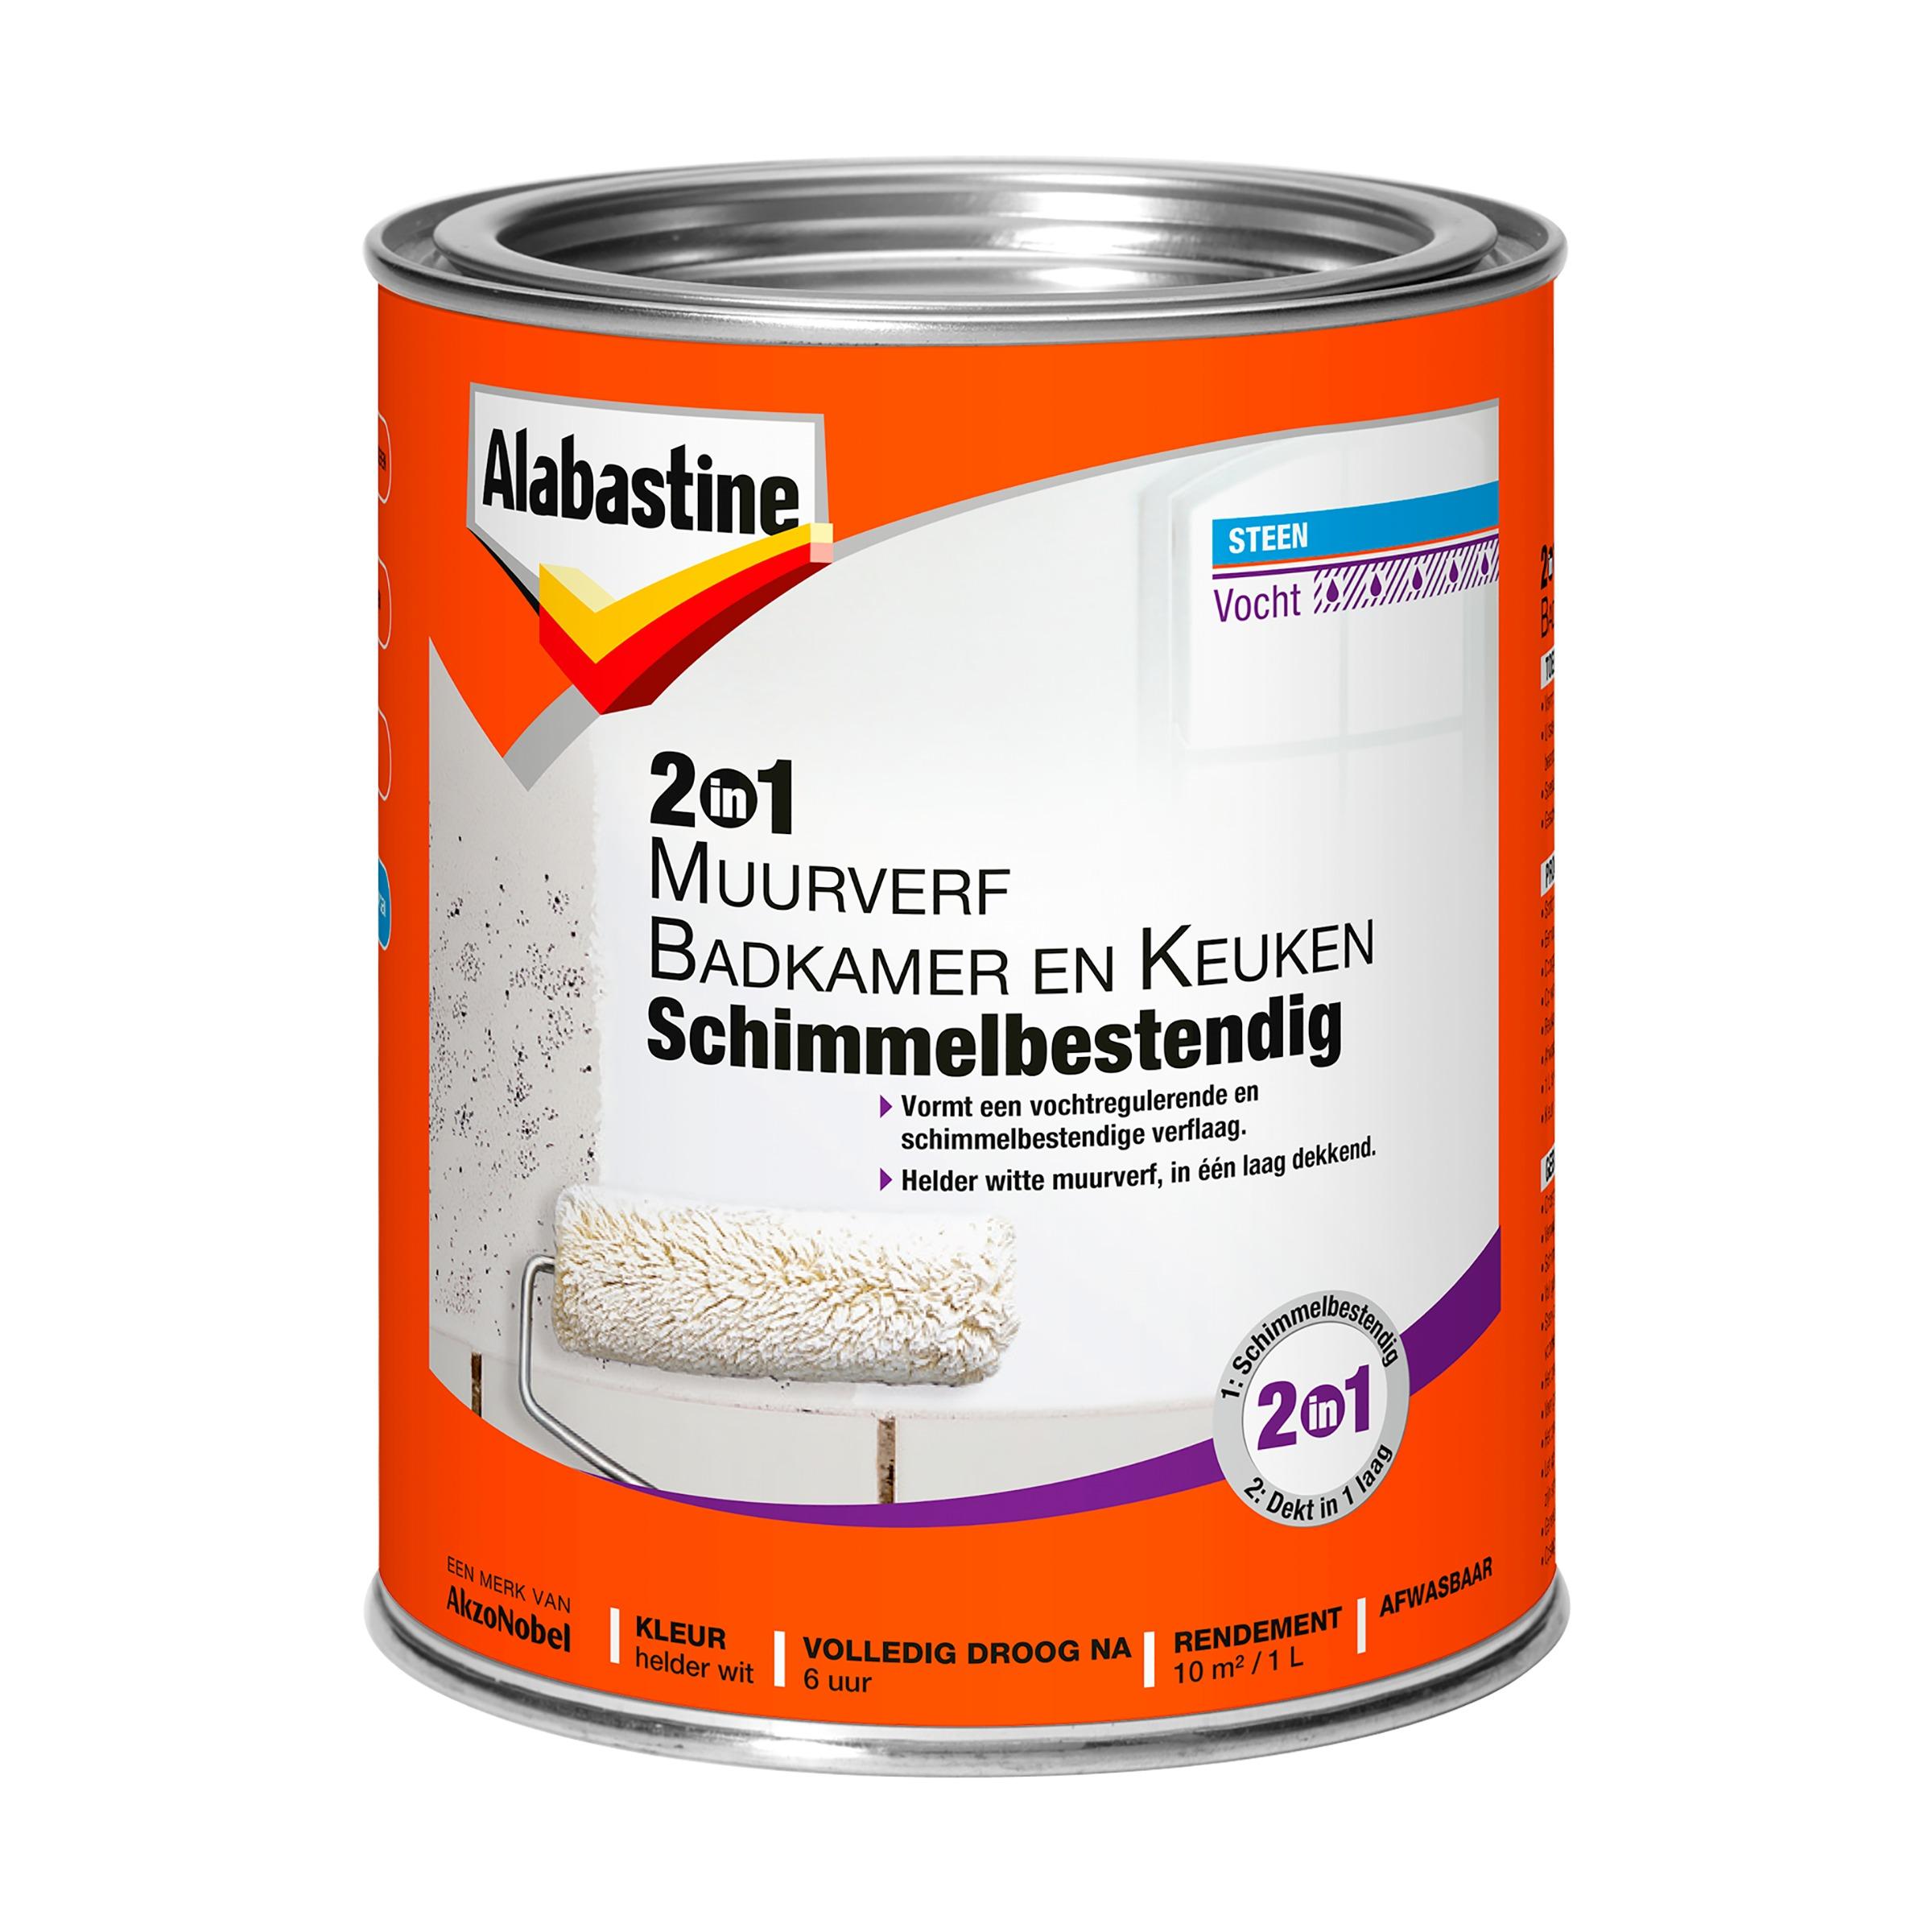 Alabastine muurverf 2-in-1 badkamer en keuken 1 l